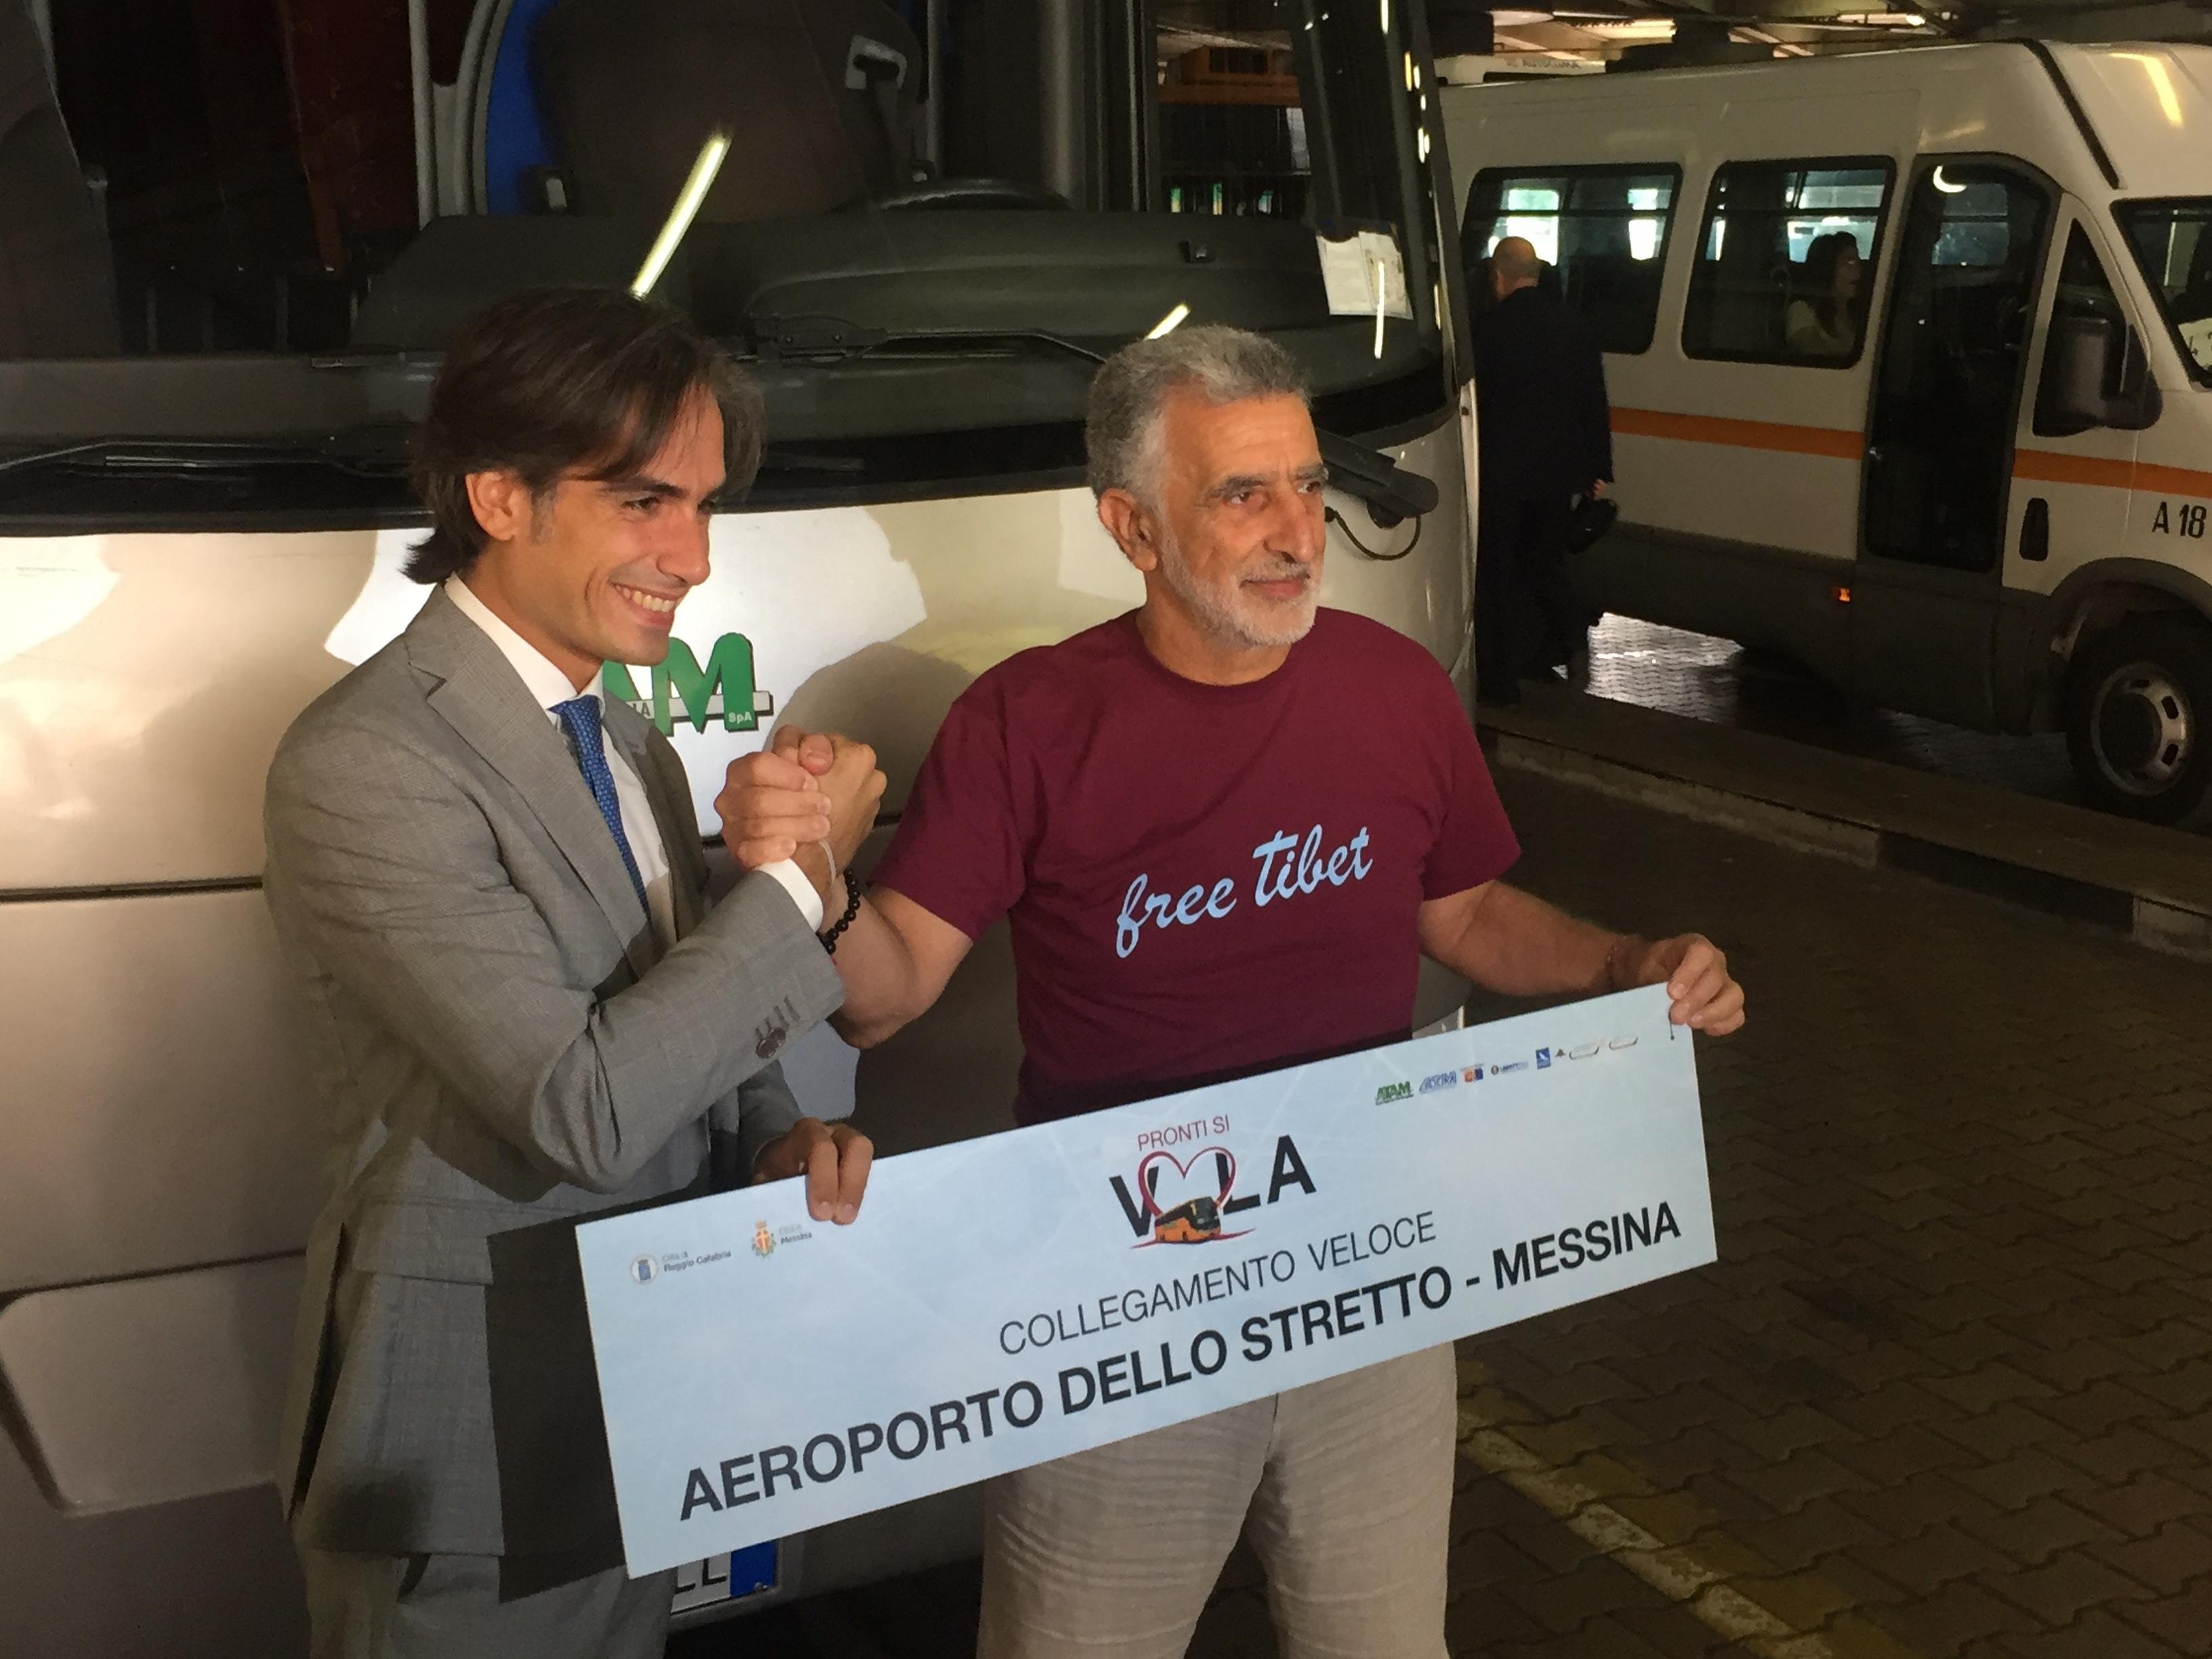 Un autobus collegherà Messina all'aeroporto di Reggio Calabria